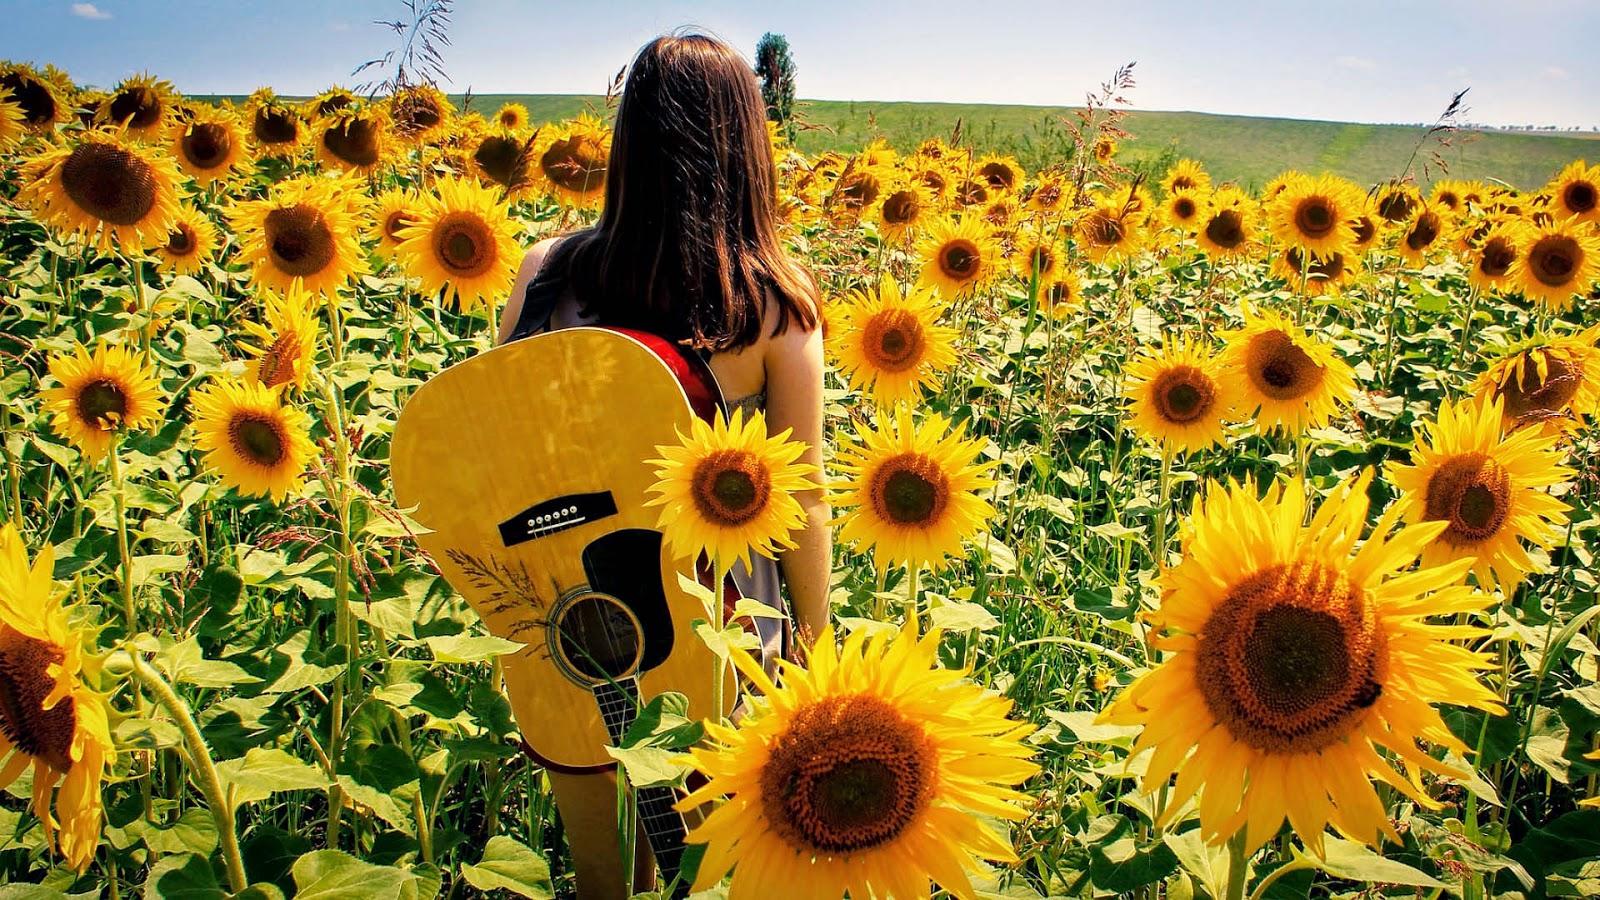 Vrouw met gitaar in een veld vol met zonnebloemen